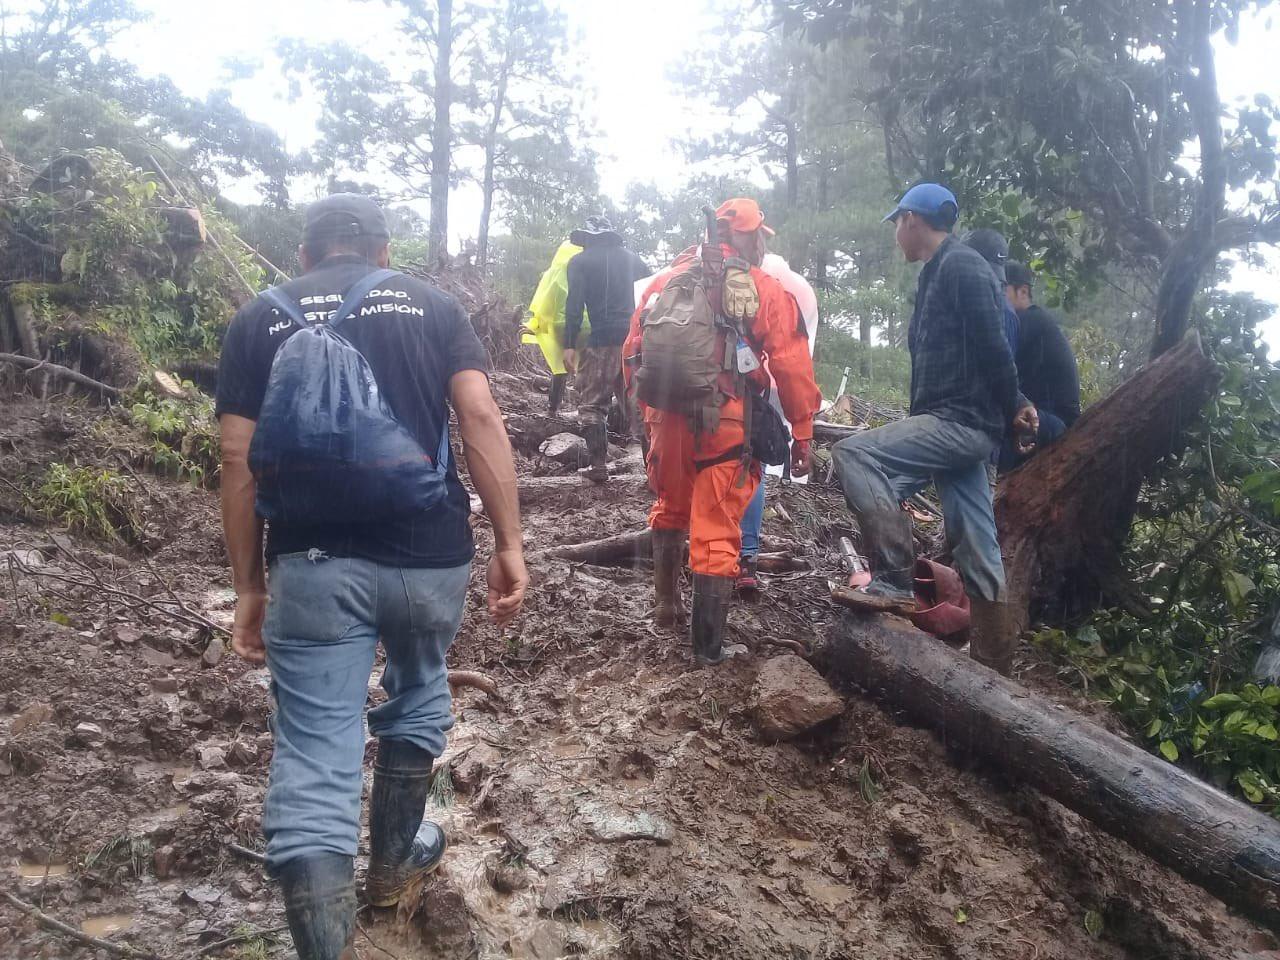 Se necesitarán más recursos para enfrentar daños de Eta en las provincias; nueva tormenta amenaza